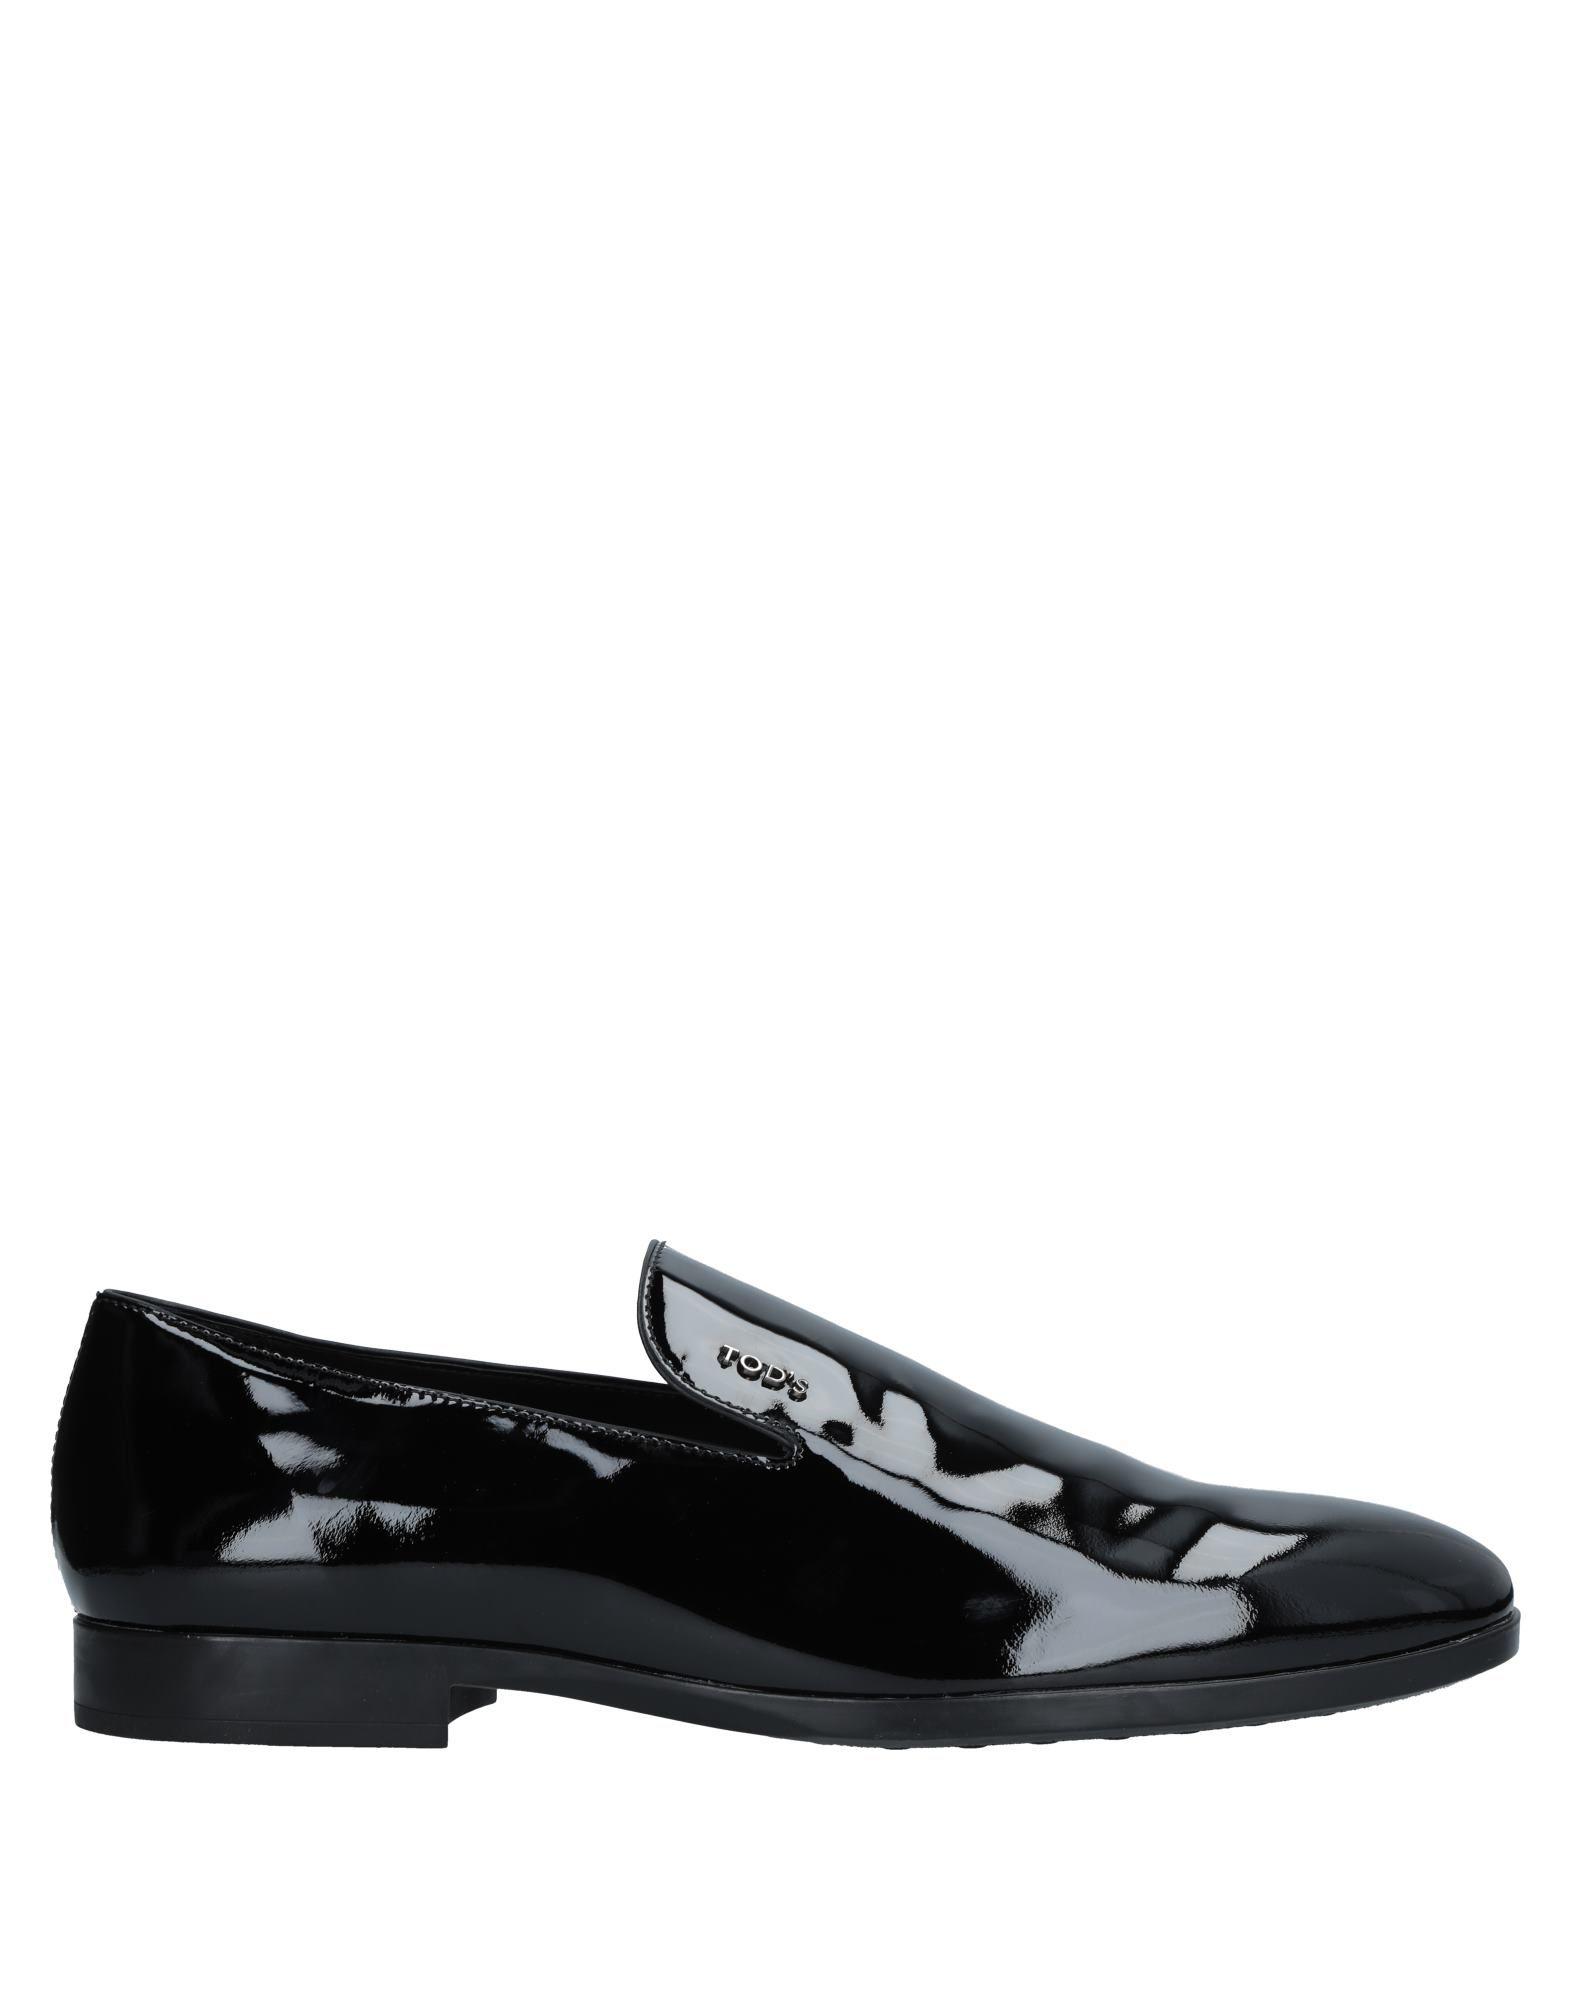 Tod's Mokassins Herren  11543705EX Gute Qualität beliebte Schuhe